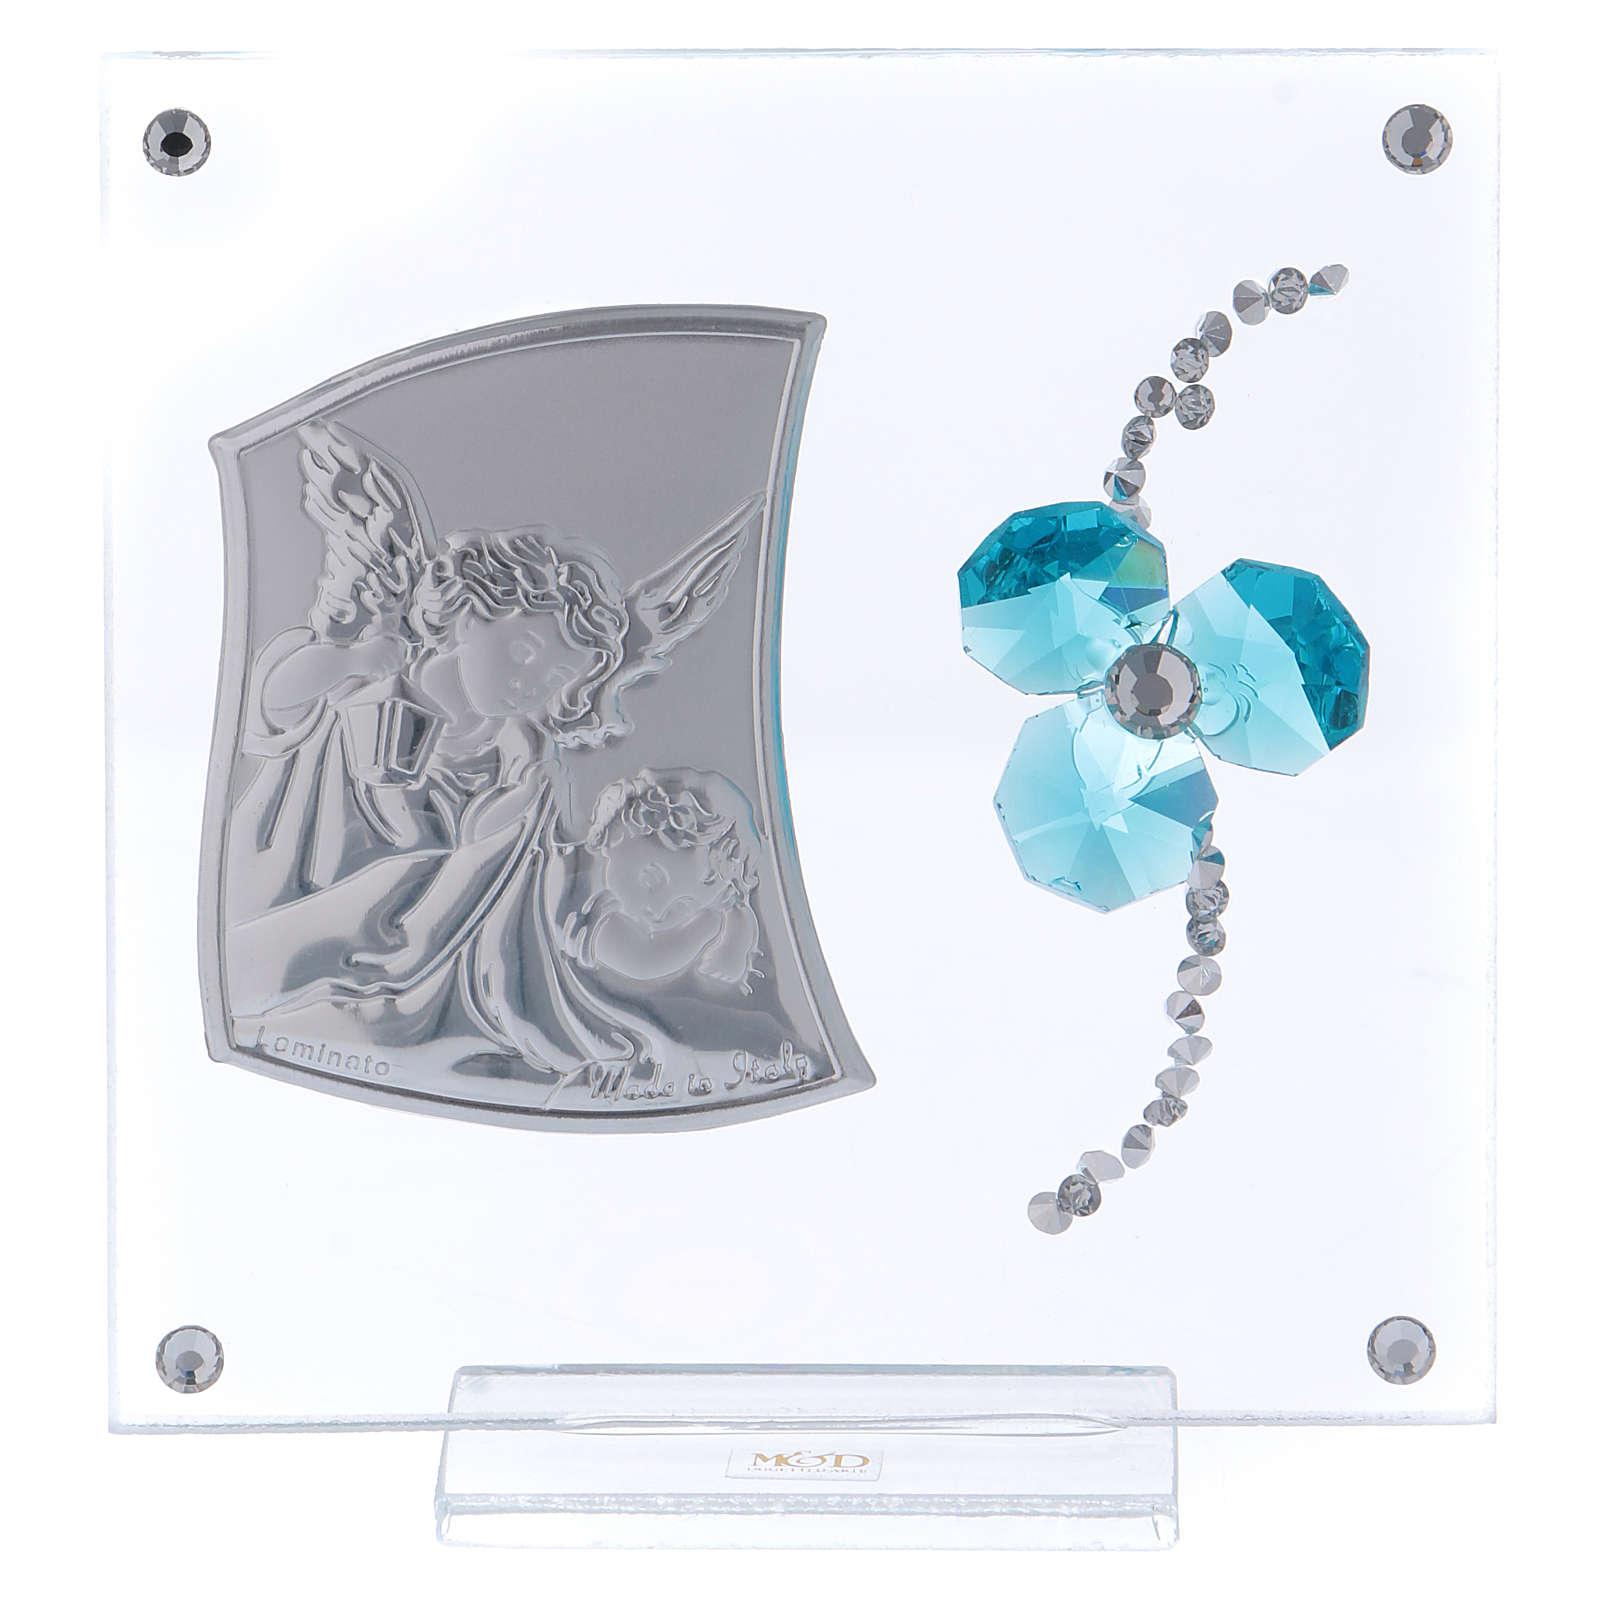 Pamiątka obrazek Anioł koniczyna woda morska 10x10 cm 3